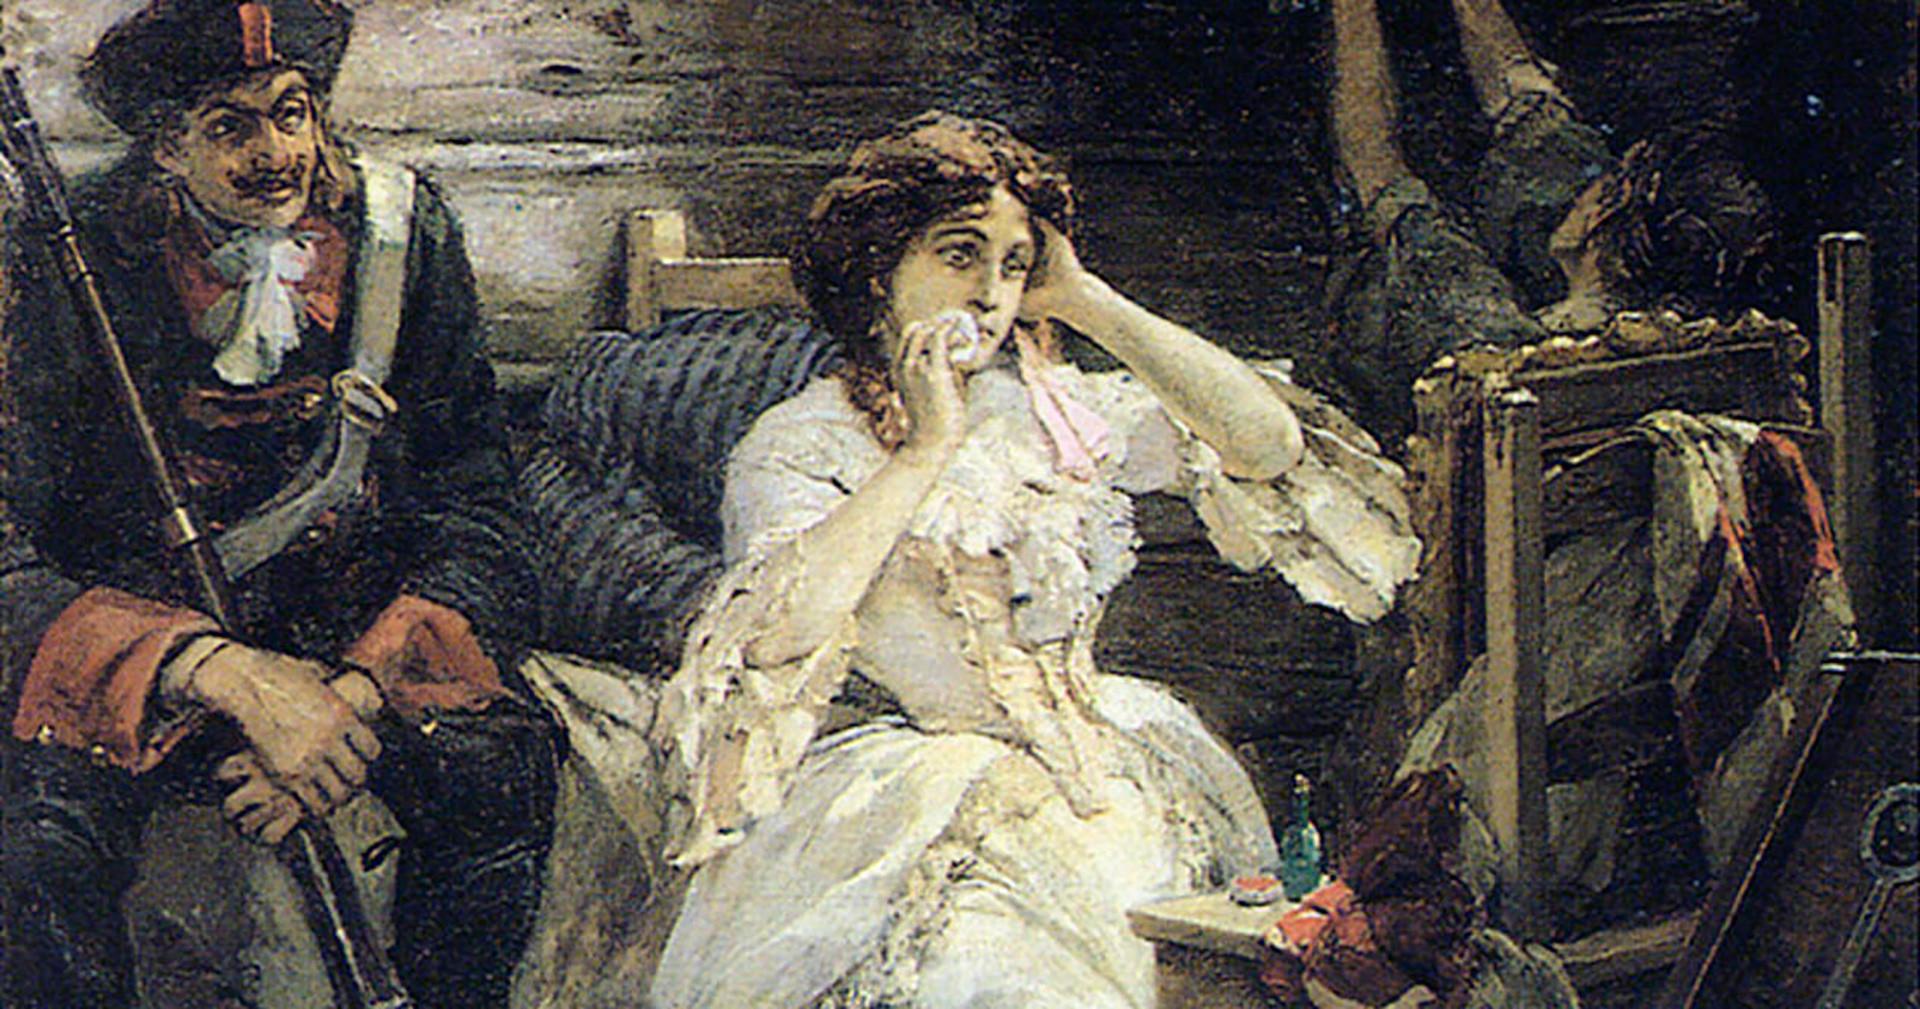 Mary Hamilton sebelum eksekusi. Lukisan karya Pavel Svedomskiy.